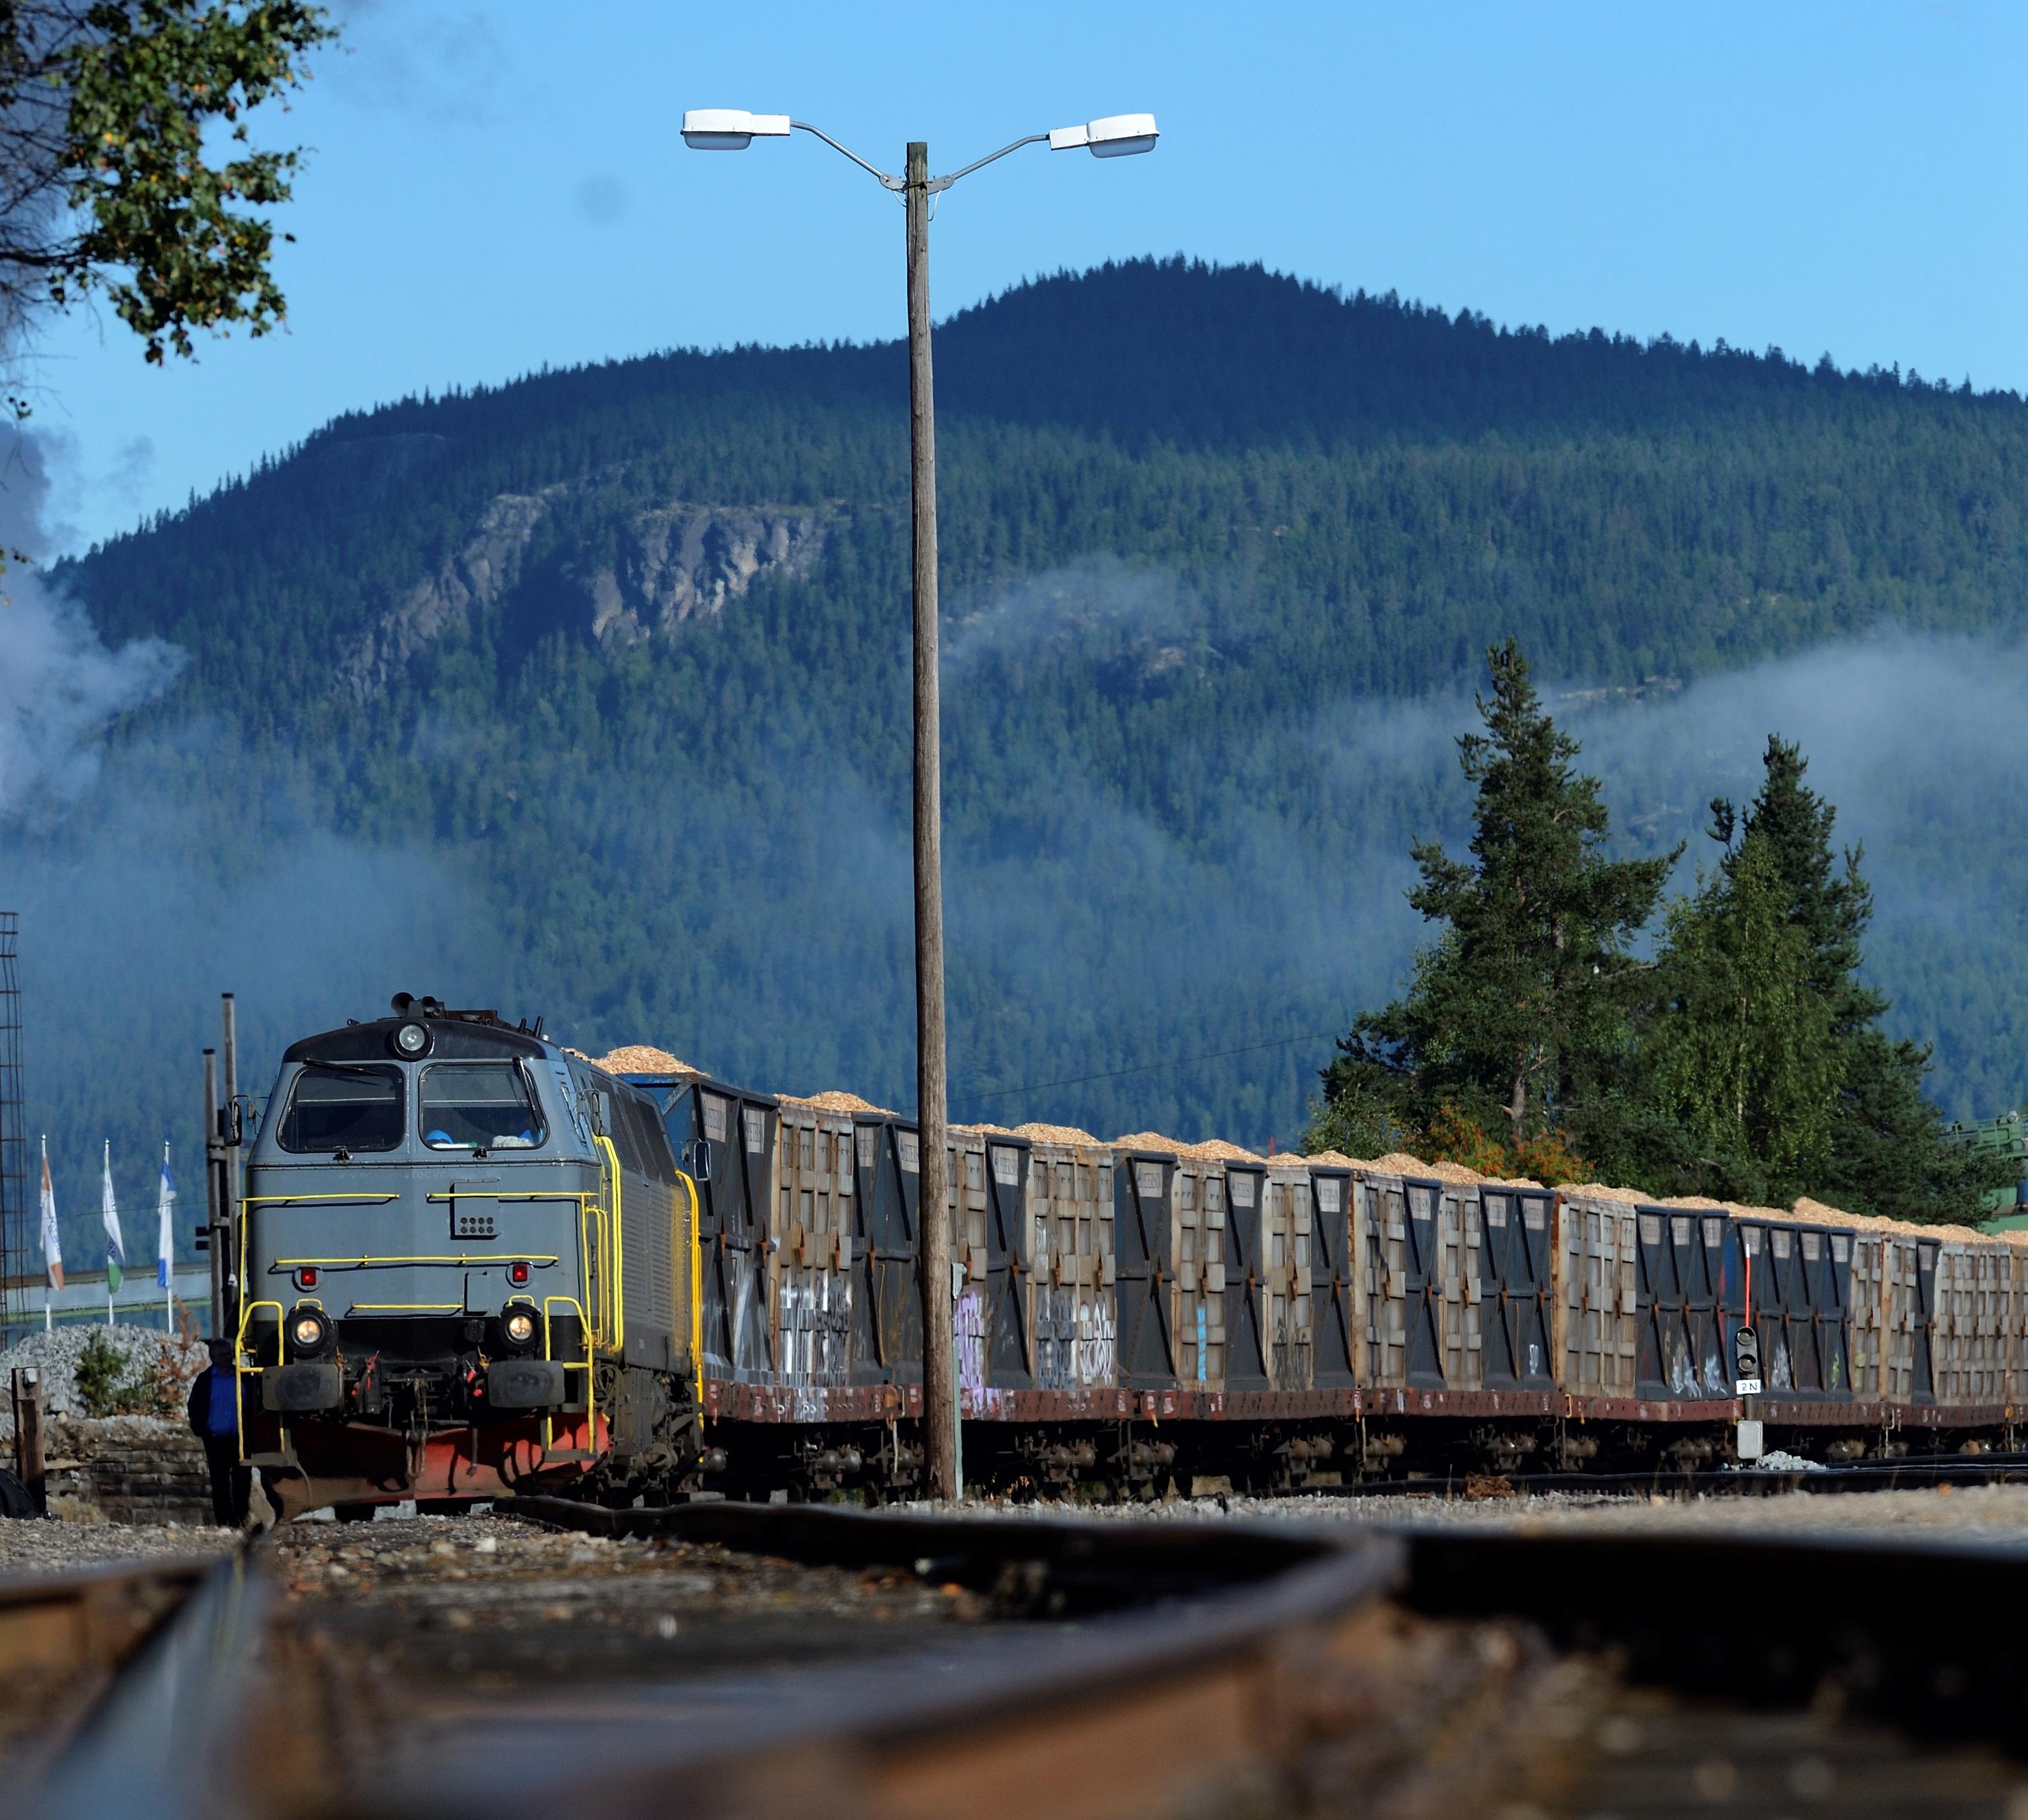 Miljøvennlig transport av gods også når banen er stengt